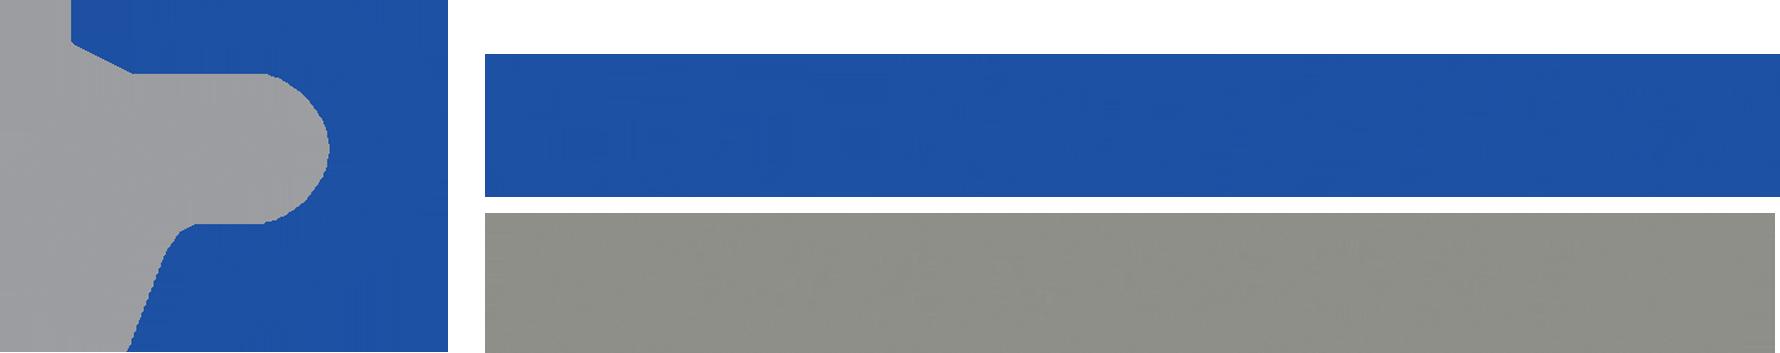 C.L. Services Transport